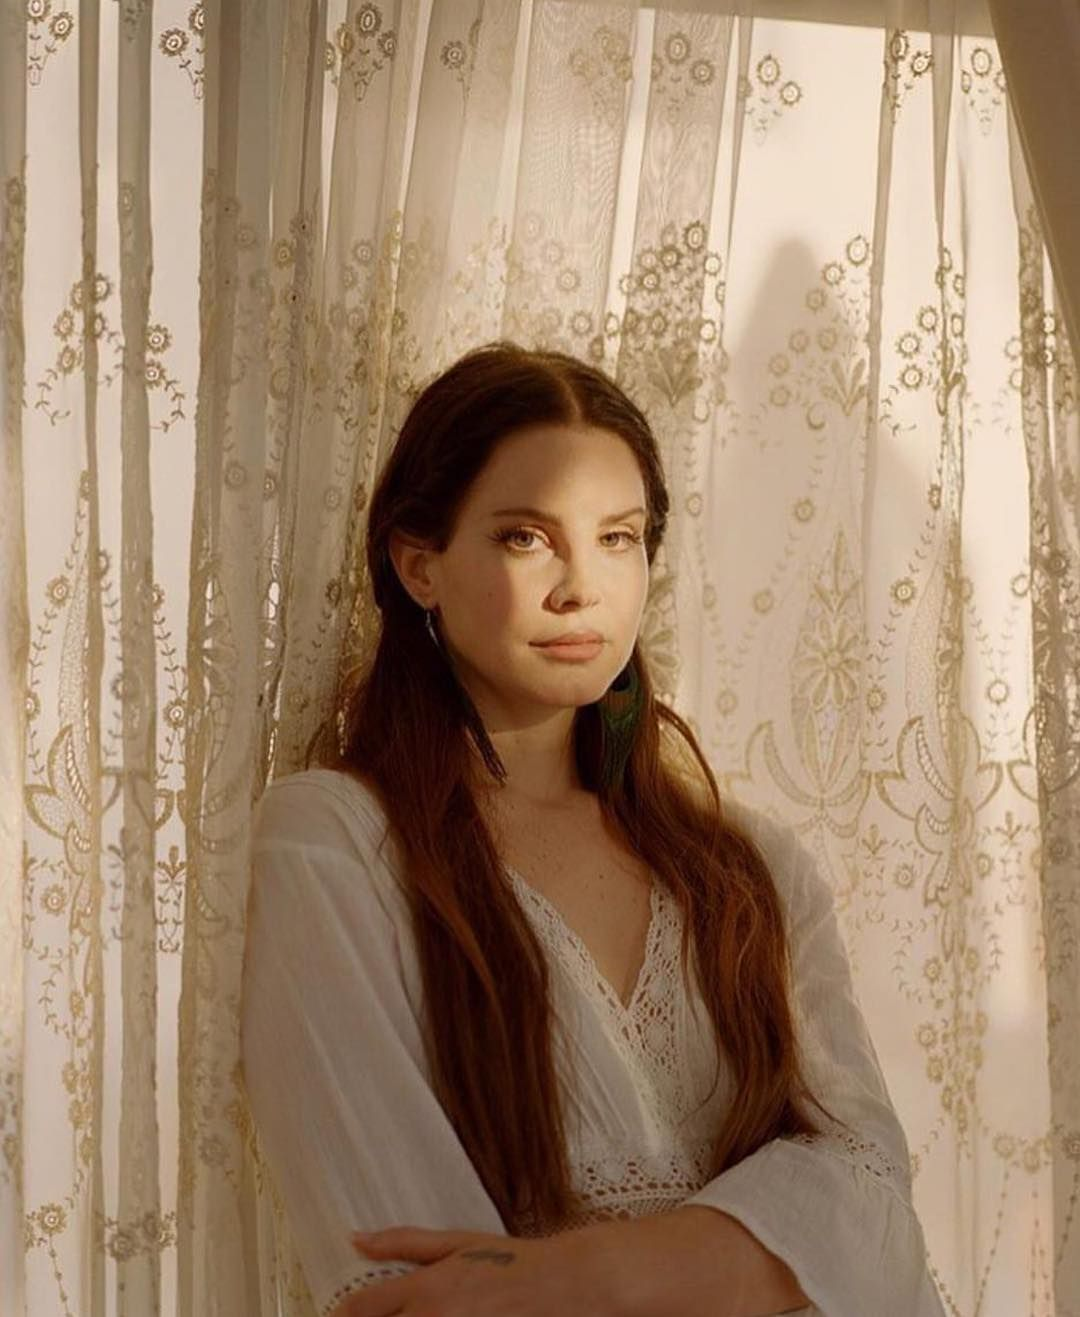 7 lanzamientos recientes que debes escuchar: Lana Del Rey + TR/ST + LIZ y más